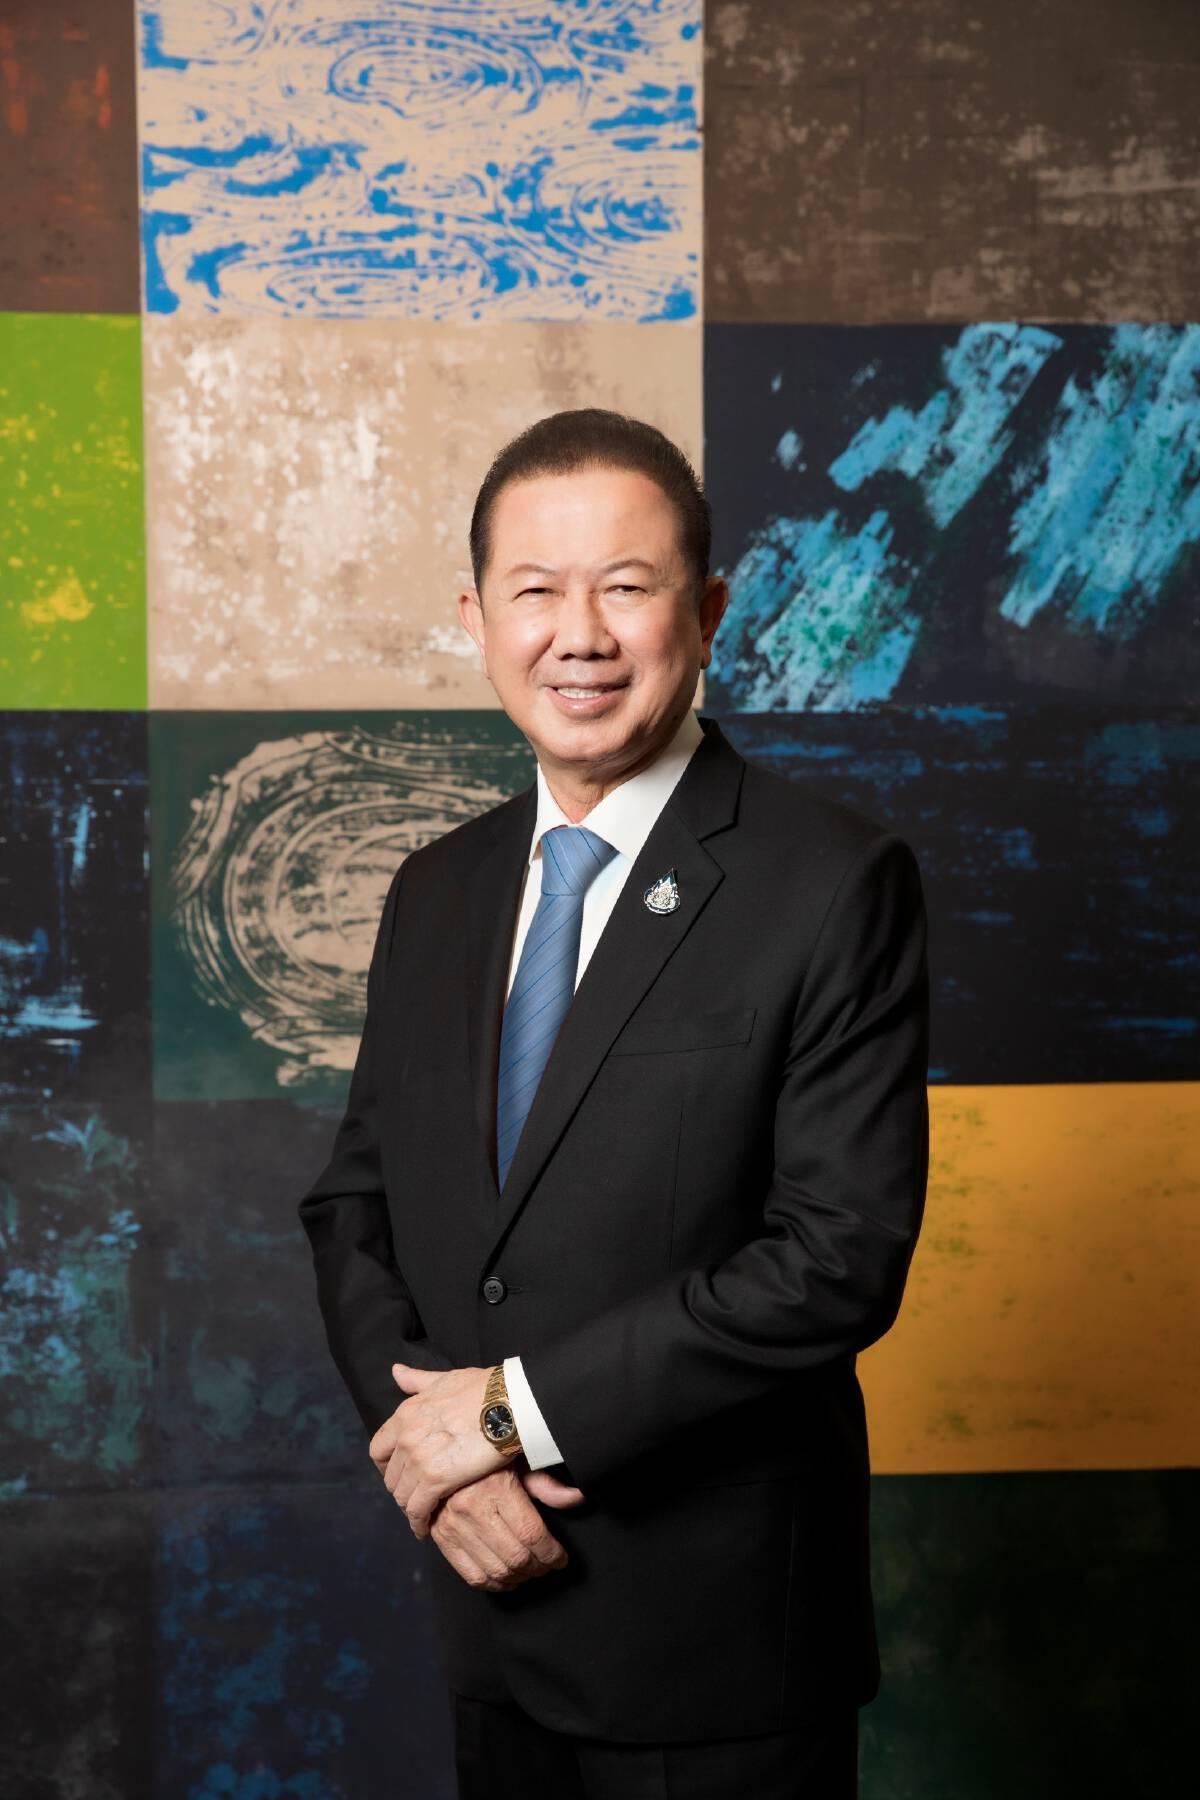 สนั่น  อังอุบลกุล ประธานกรรมการหอการค้าไทยและสภาหอการค้าแห่งประเทศไทย